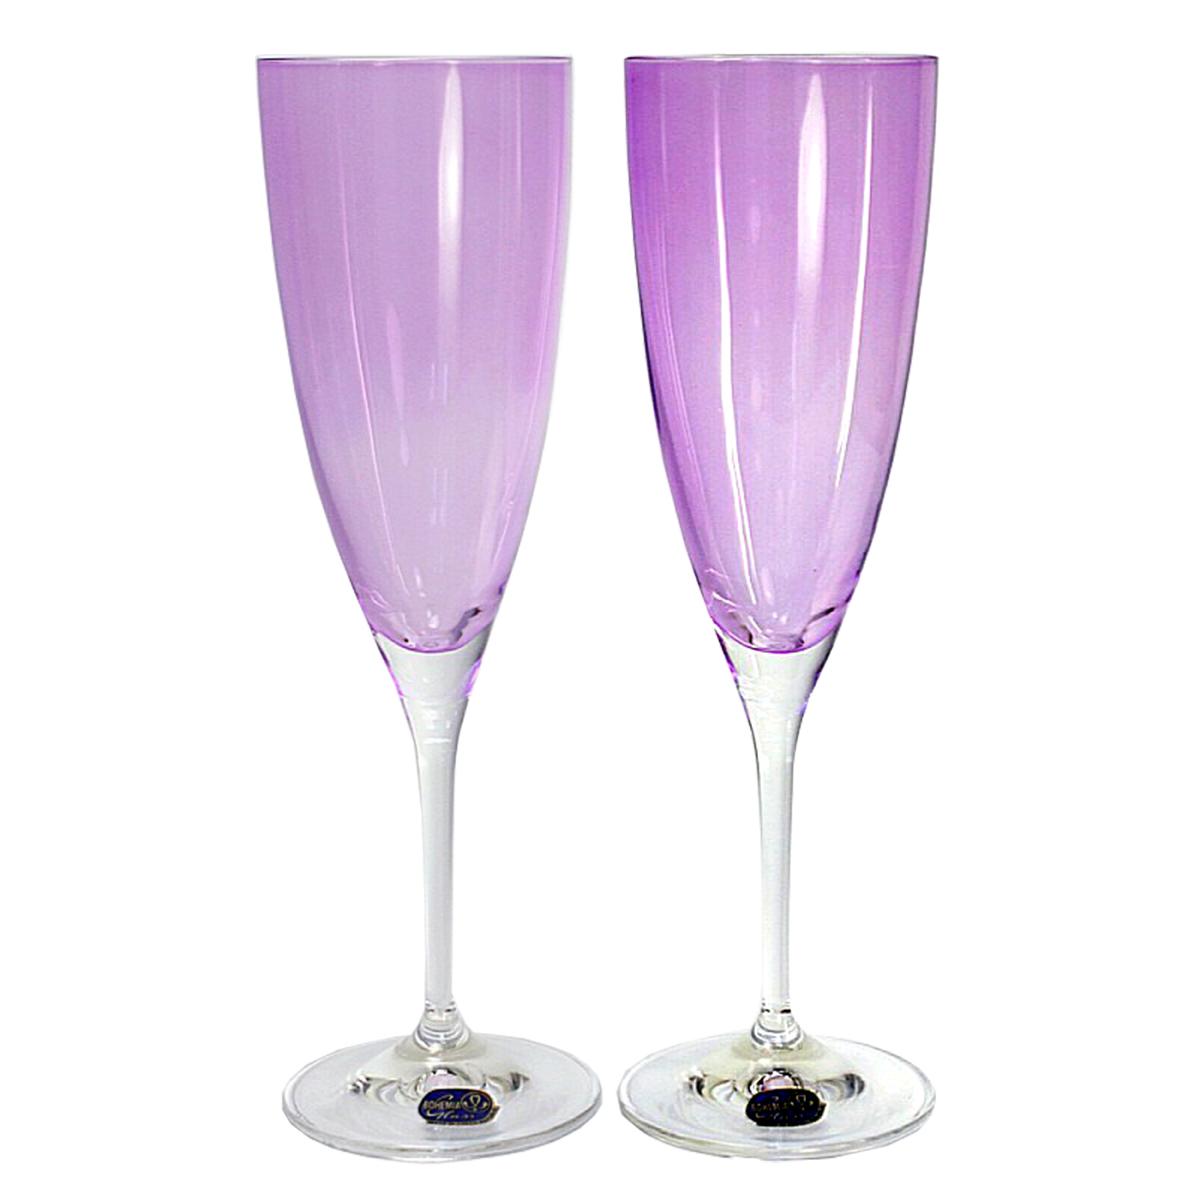 Набор бокалов для шампанского Bohemia Crystal Kate порадуют не только вас, но и ваших гостей. Они обладают привлекательным внешним видом, а материалом их изготовления является высококачественное стекло. Кроме того, красоту и форму посуды подчеркивают прозрачные ножки. Объем составляет 220 мл. Количество в упаковке 2 шт.